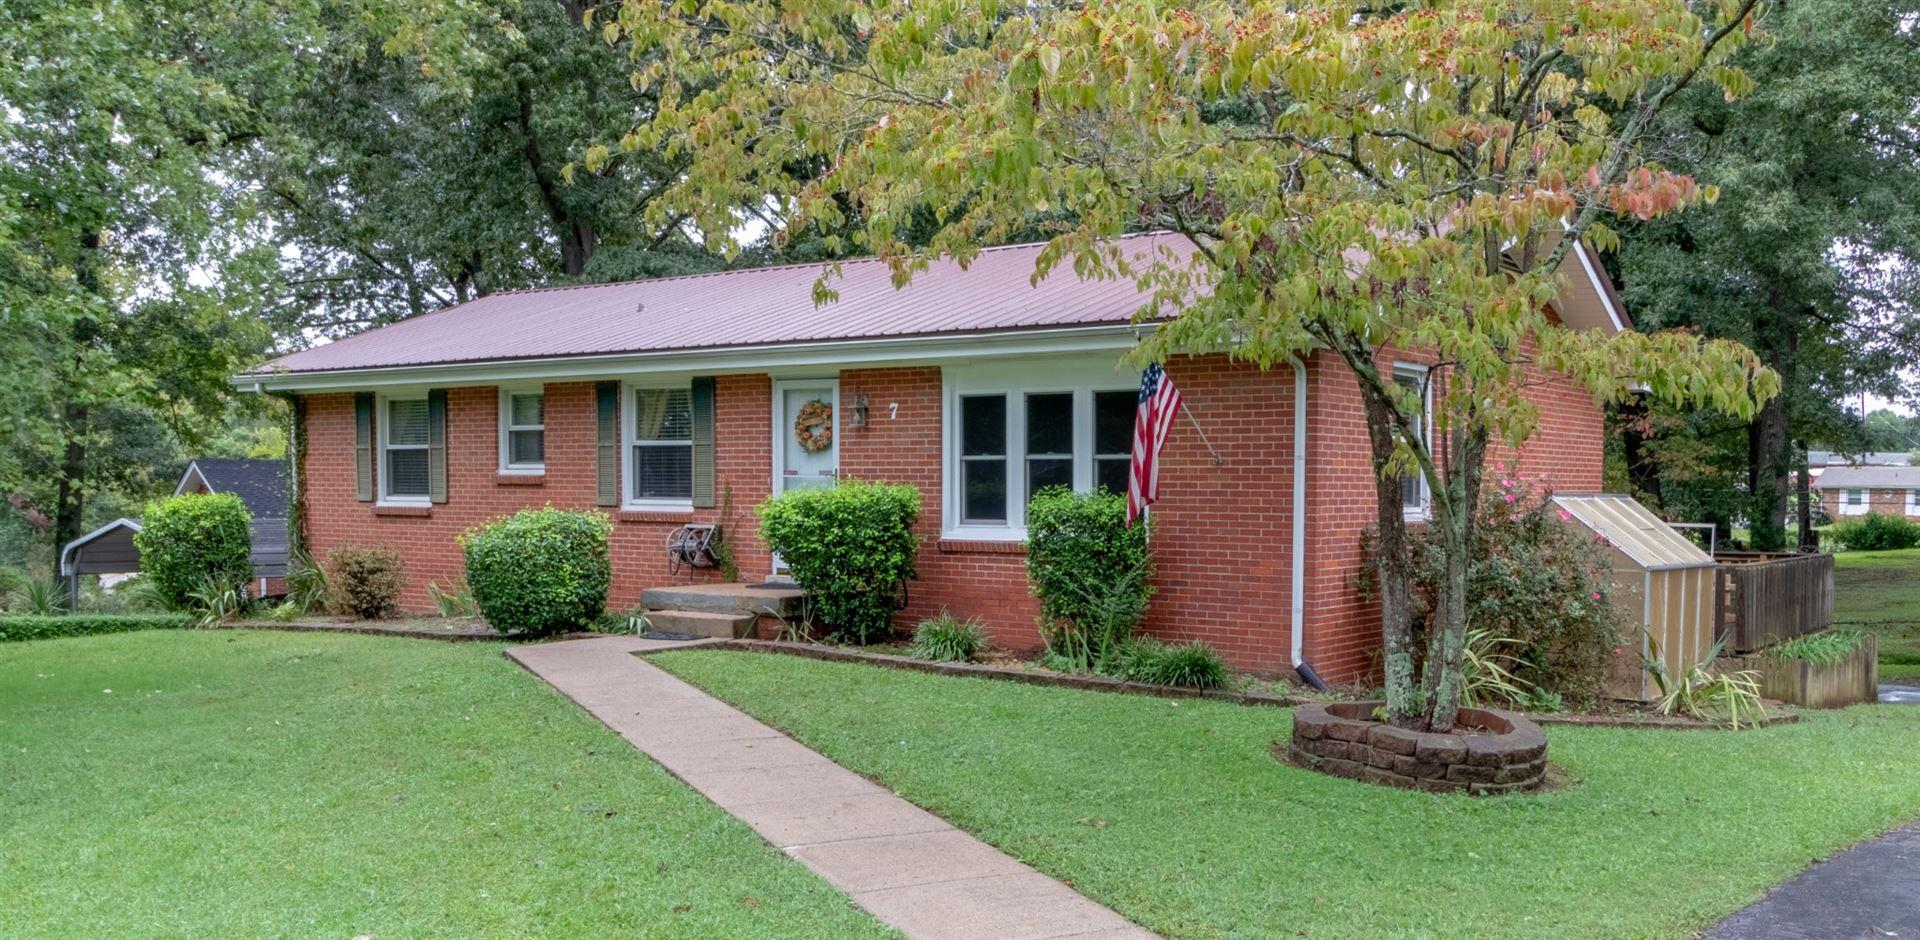 7 Brandywine Dr, Clarksville, TN 37042 - MLS#: 2293150